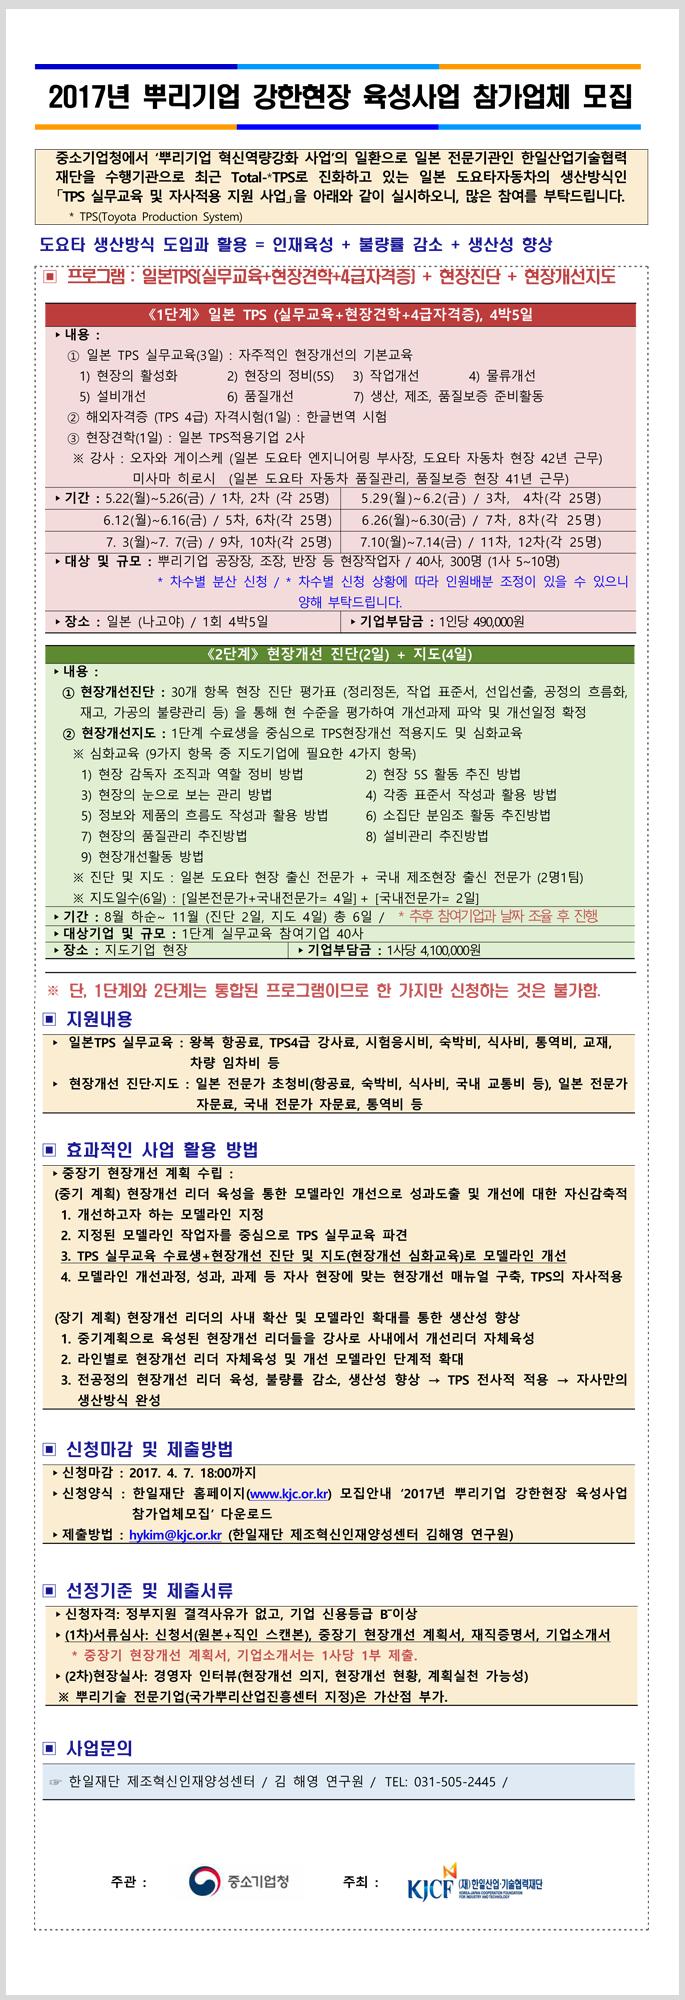 뿌리기업 강한현장 육성사업 참가업체 모집안내.png